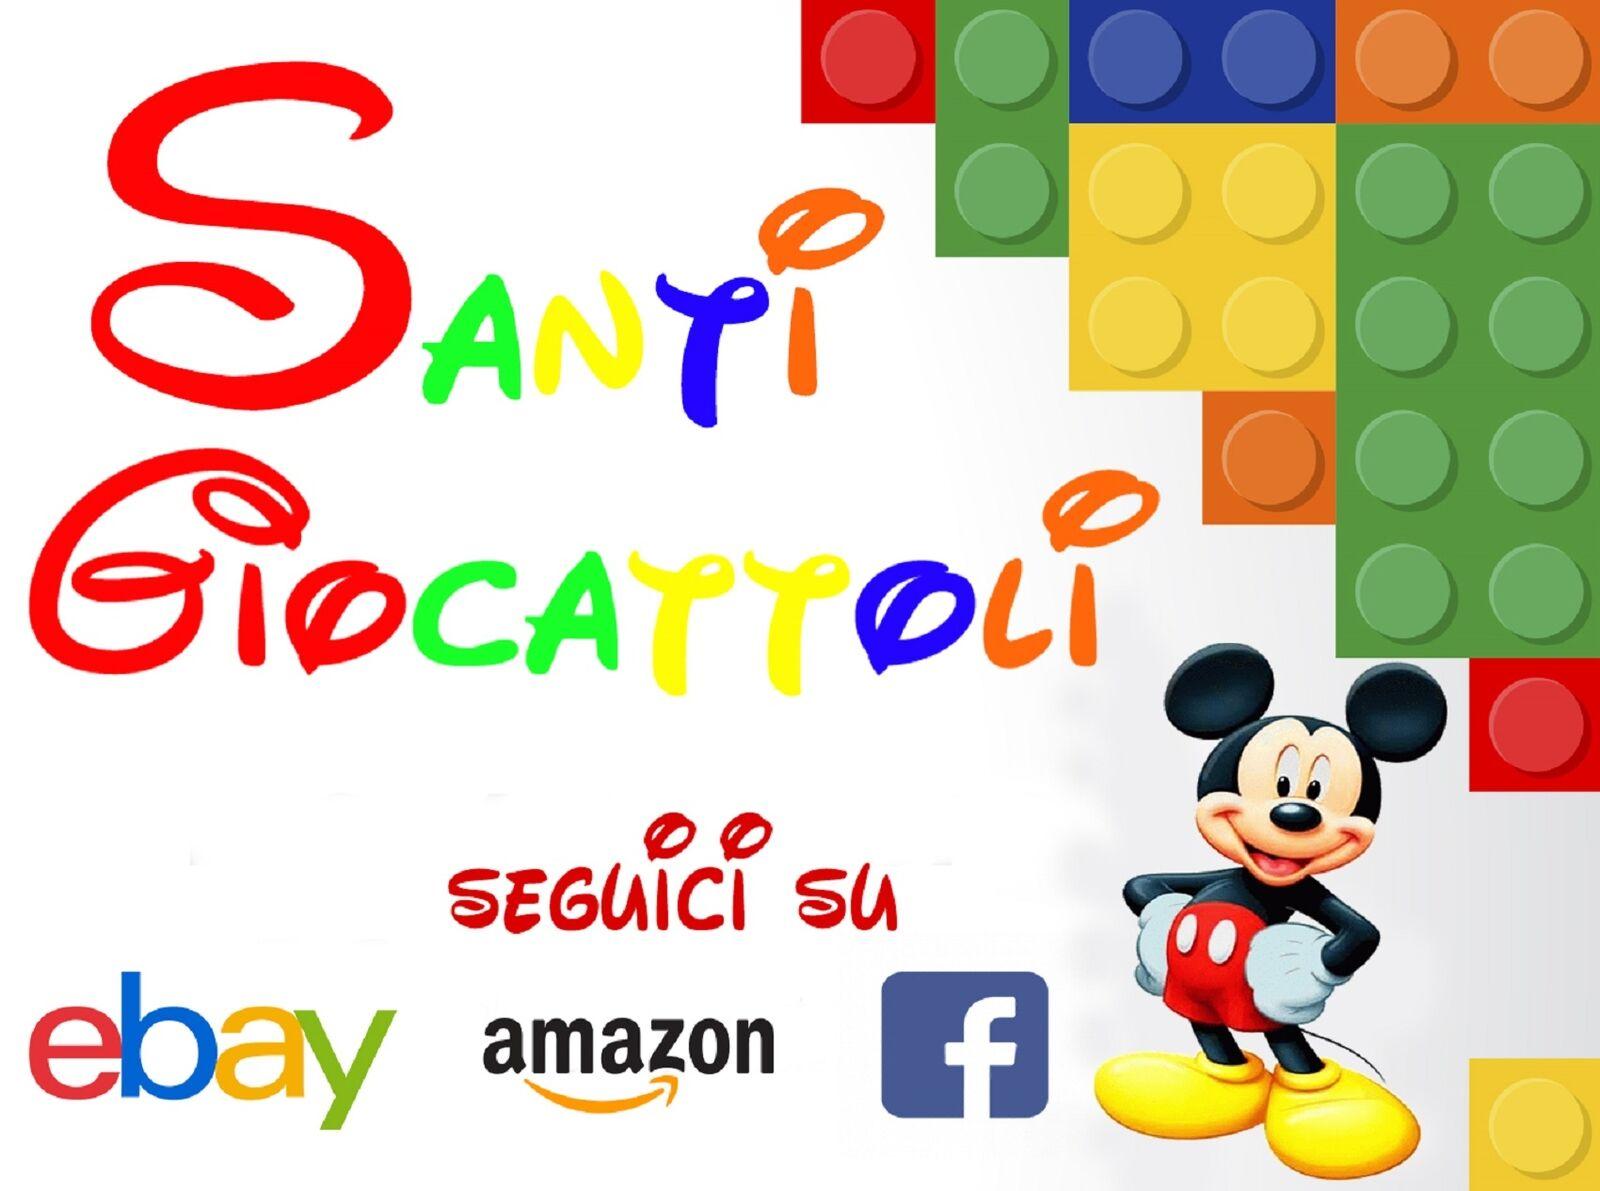 Santi_giocattolionline